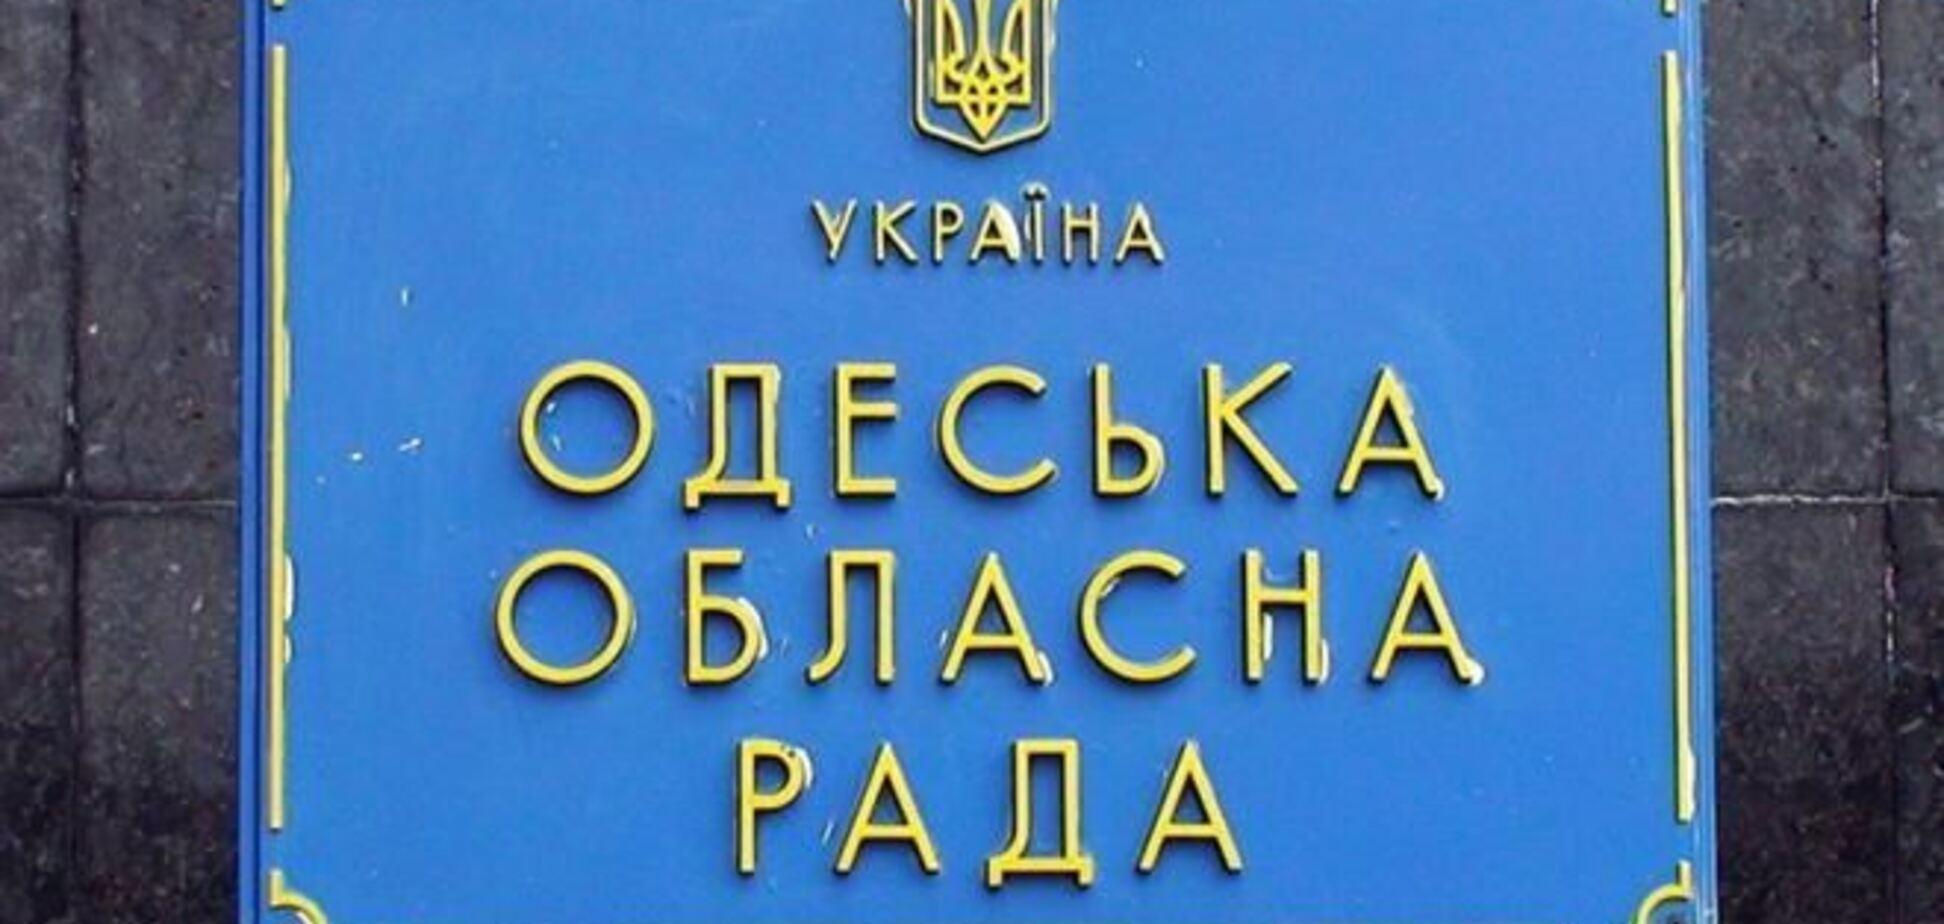 Пока Одесский облсовет осуждал экстремизм в Украине, под зданием ОГА произошла драка